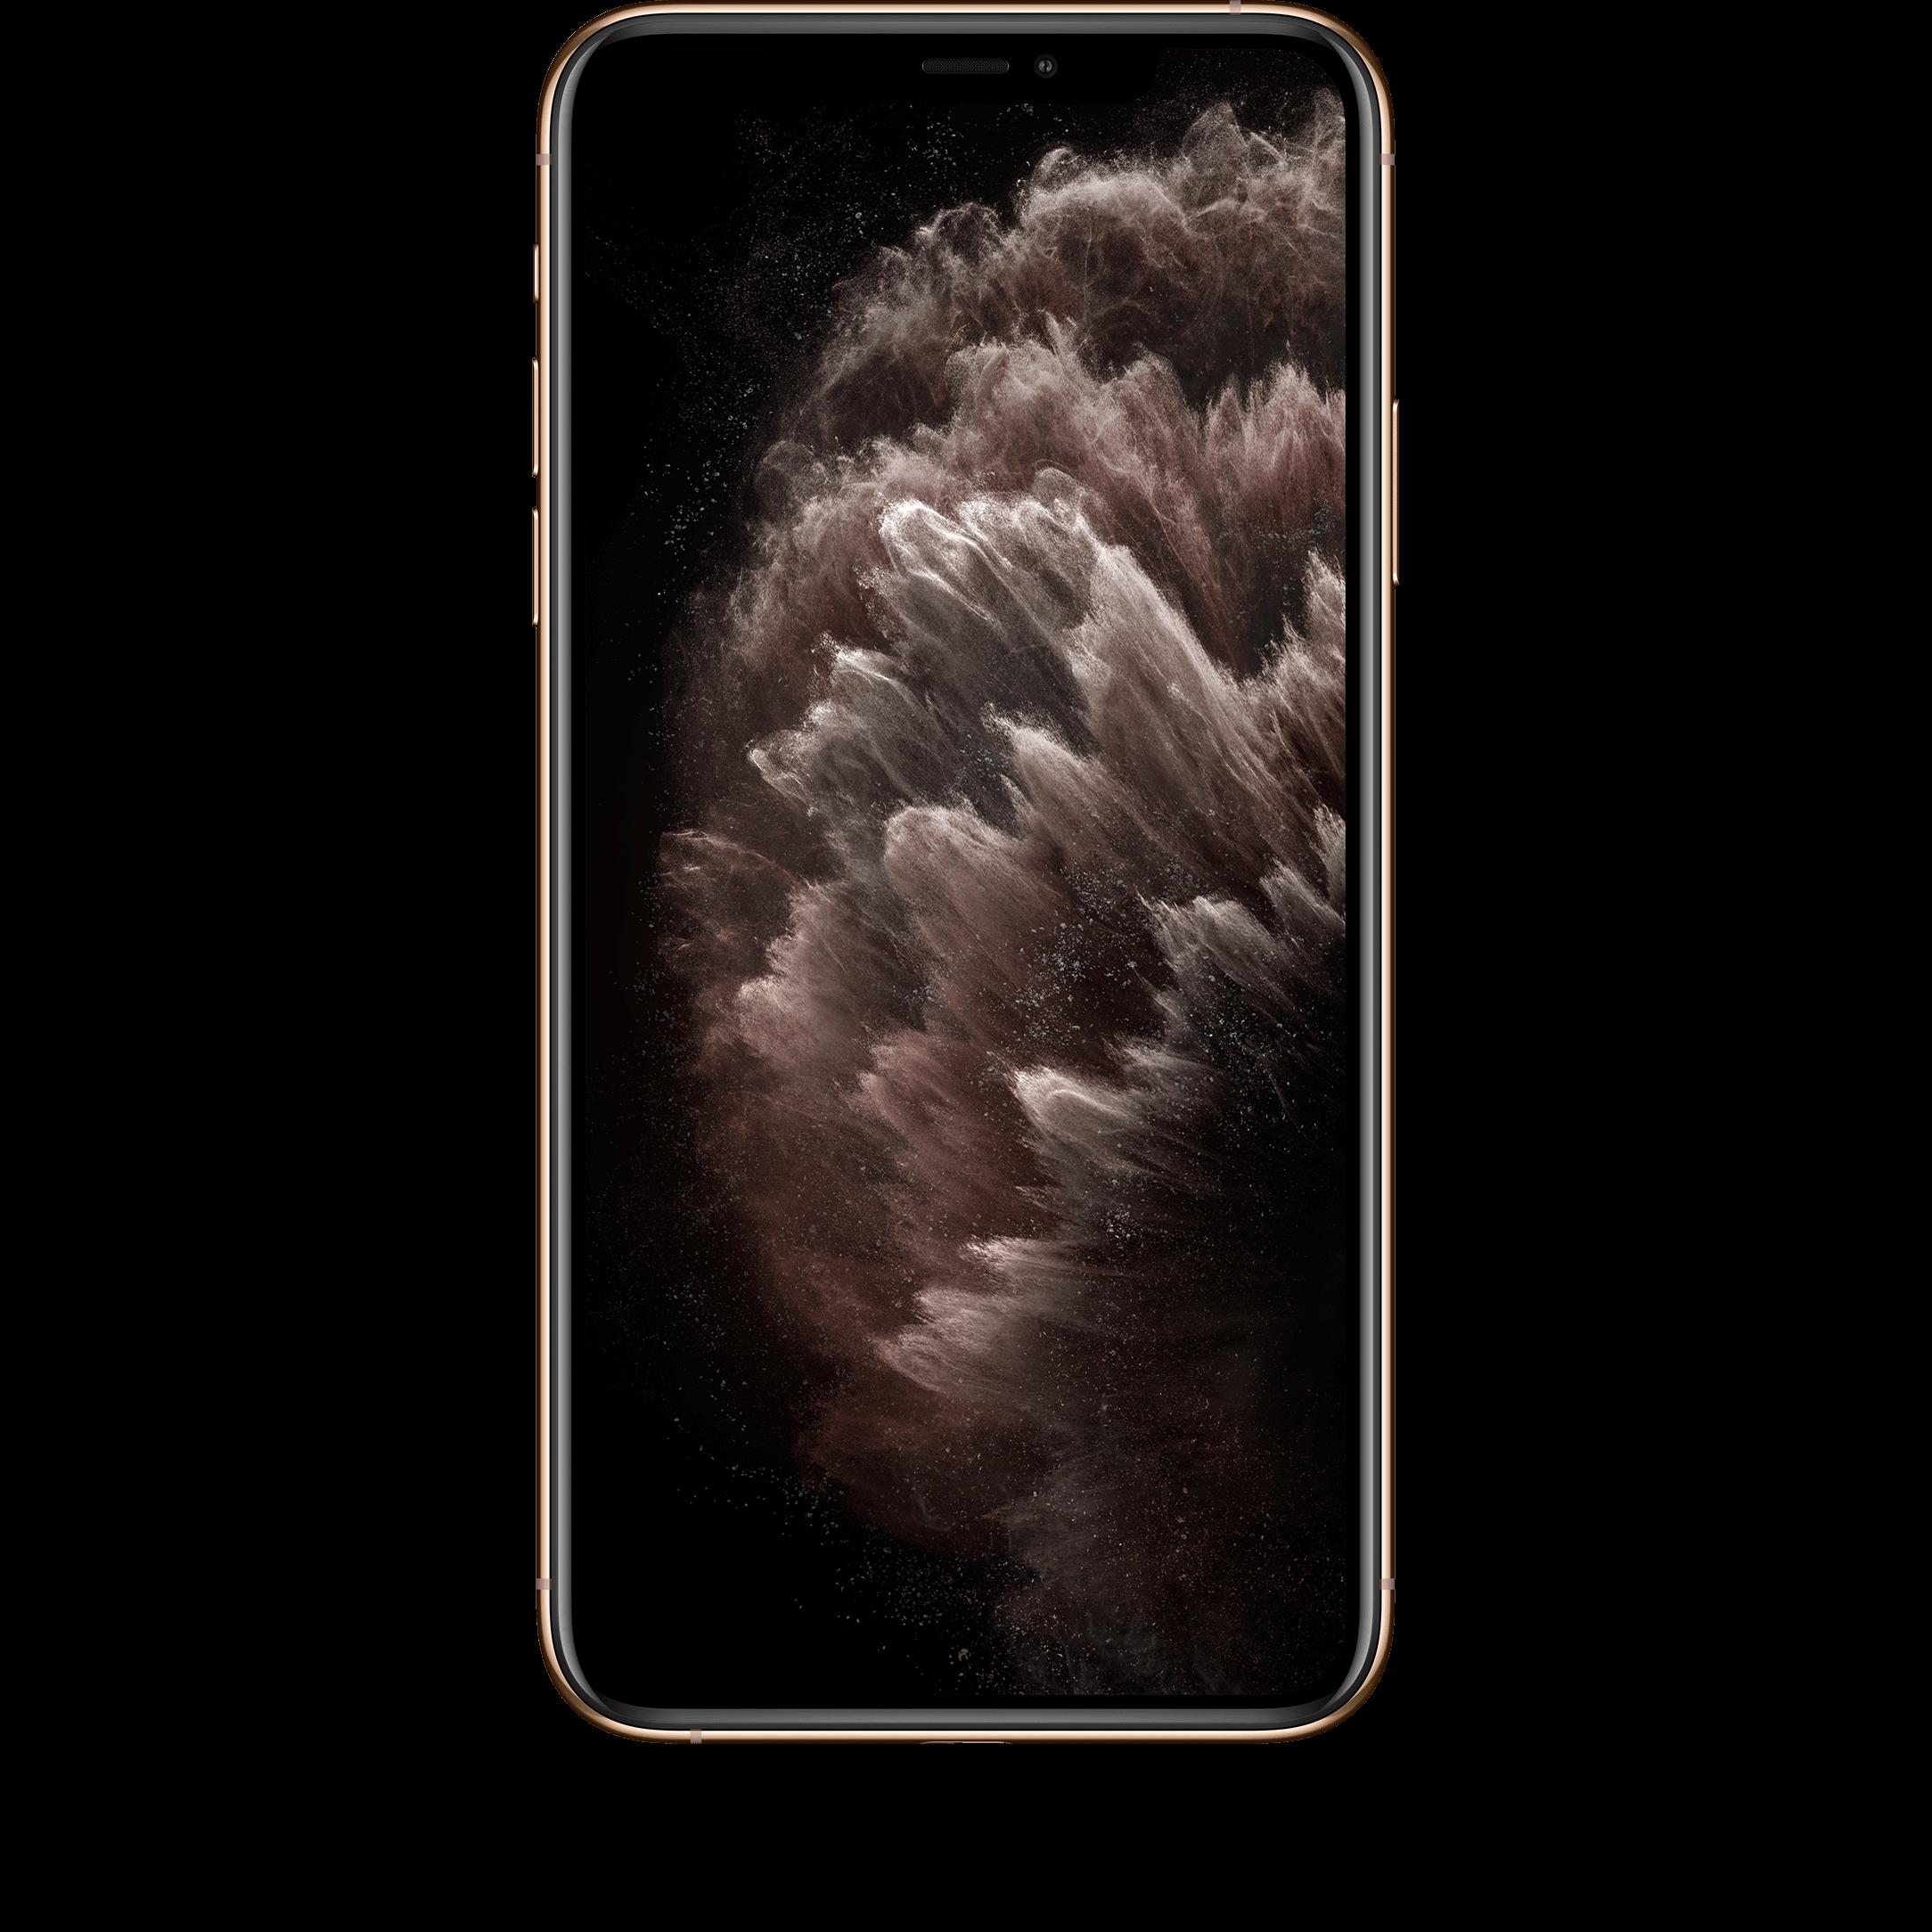 Günstig Kaufen beim Preisvergleich-Apple iPhone 11 Pro Max 64 GB gold mit Allnet Flat L